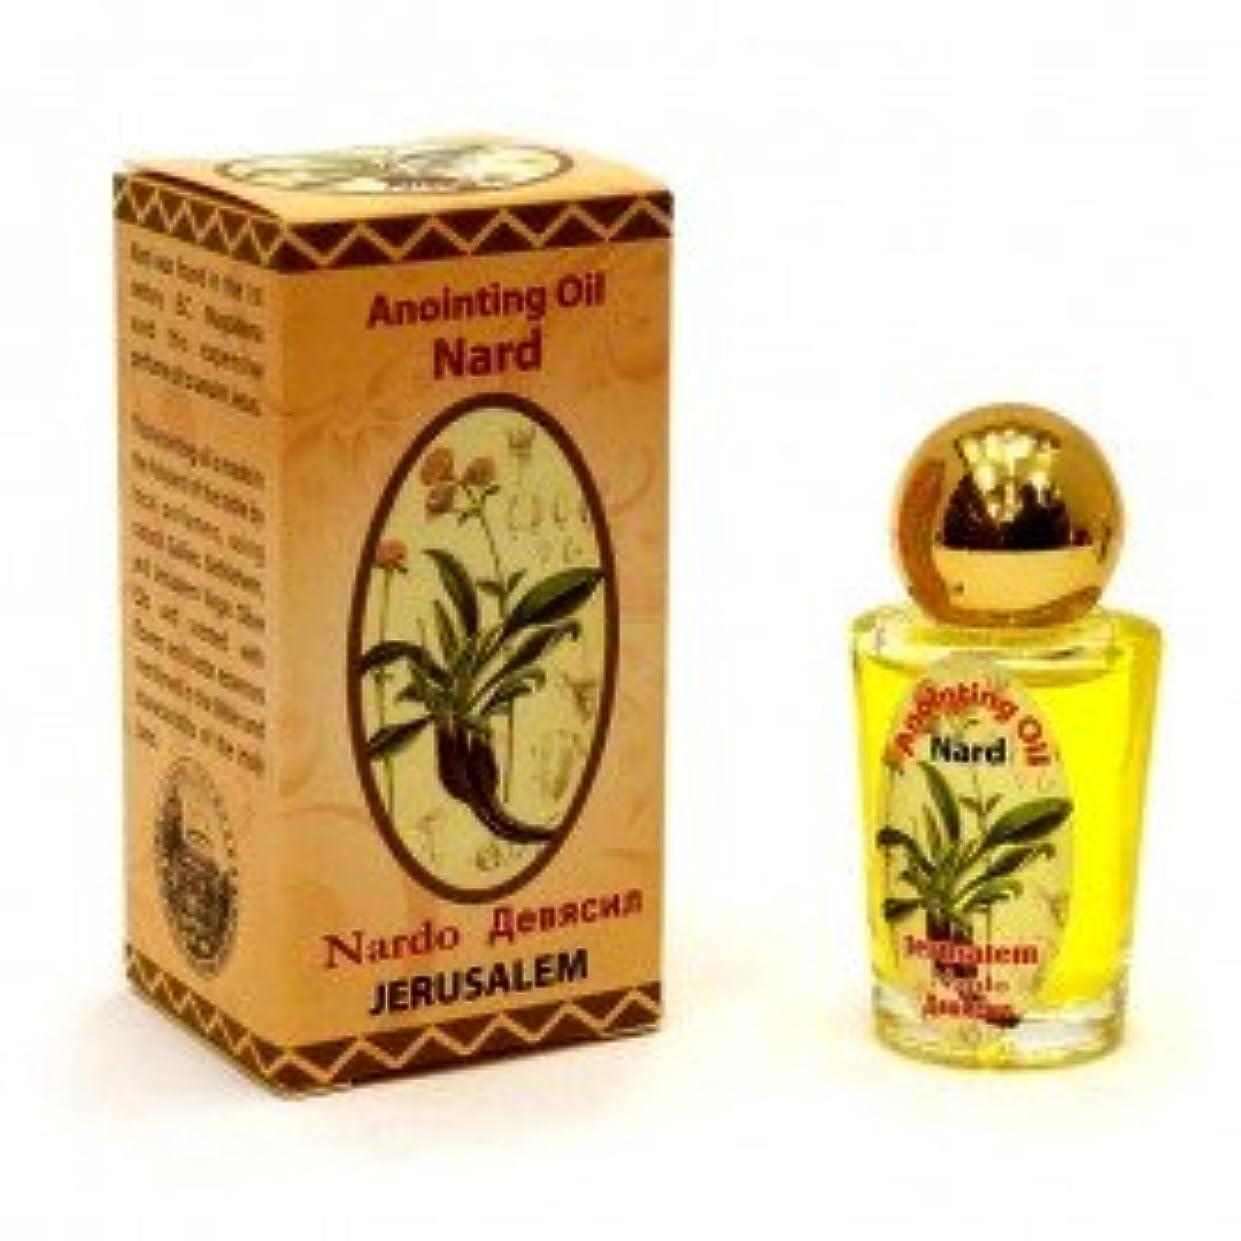 修道院アクセサリーヒギンズHoly Land Blessed Anointingオイル30 ml Biblical Fragrance Jerusalem byベツレヘムギフトTM